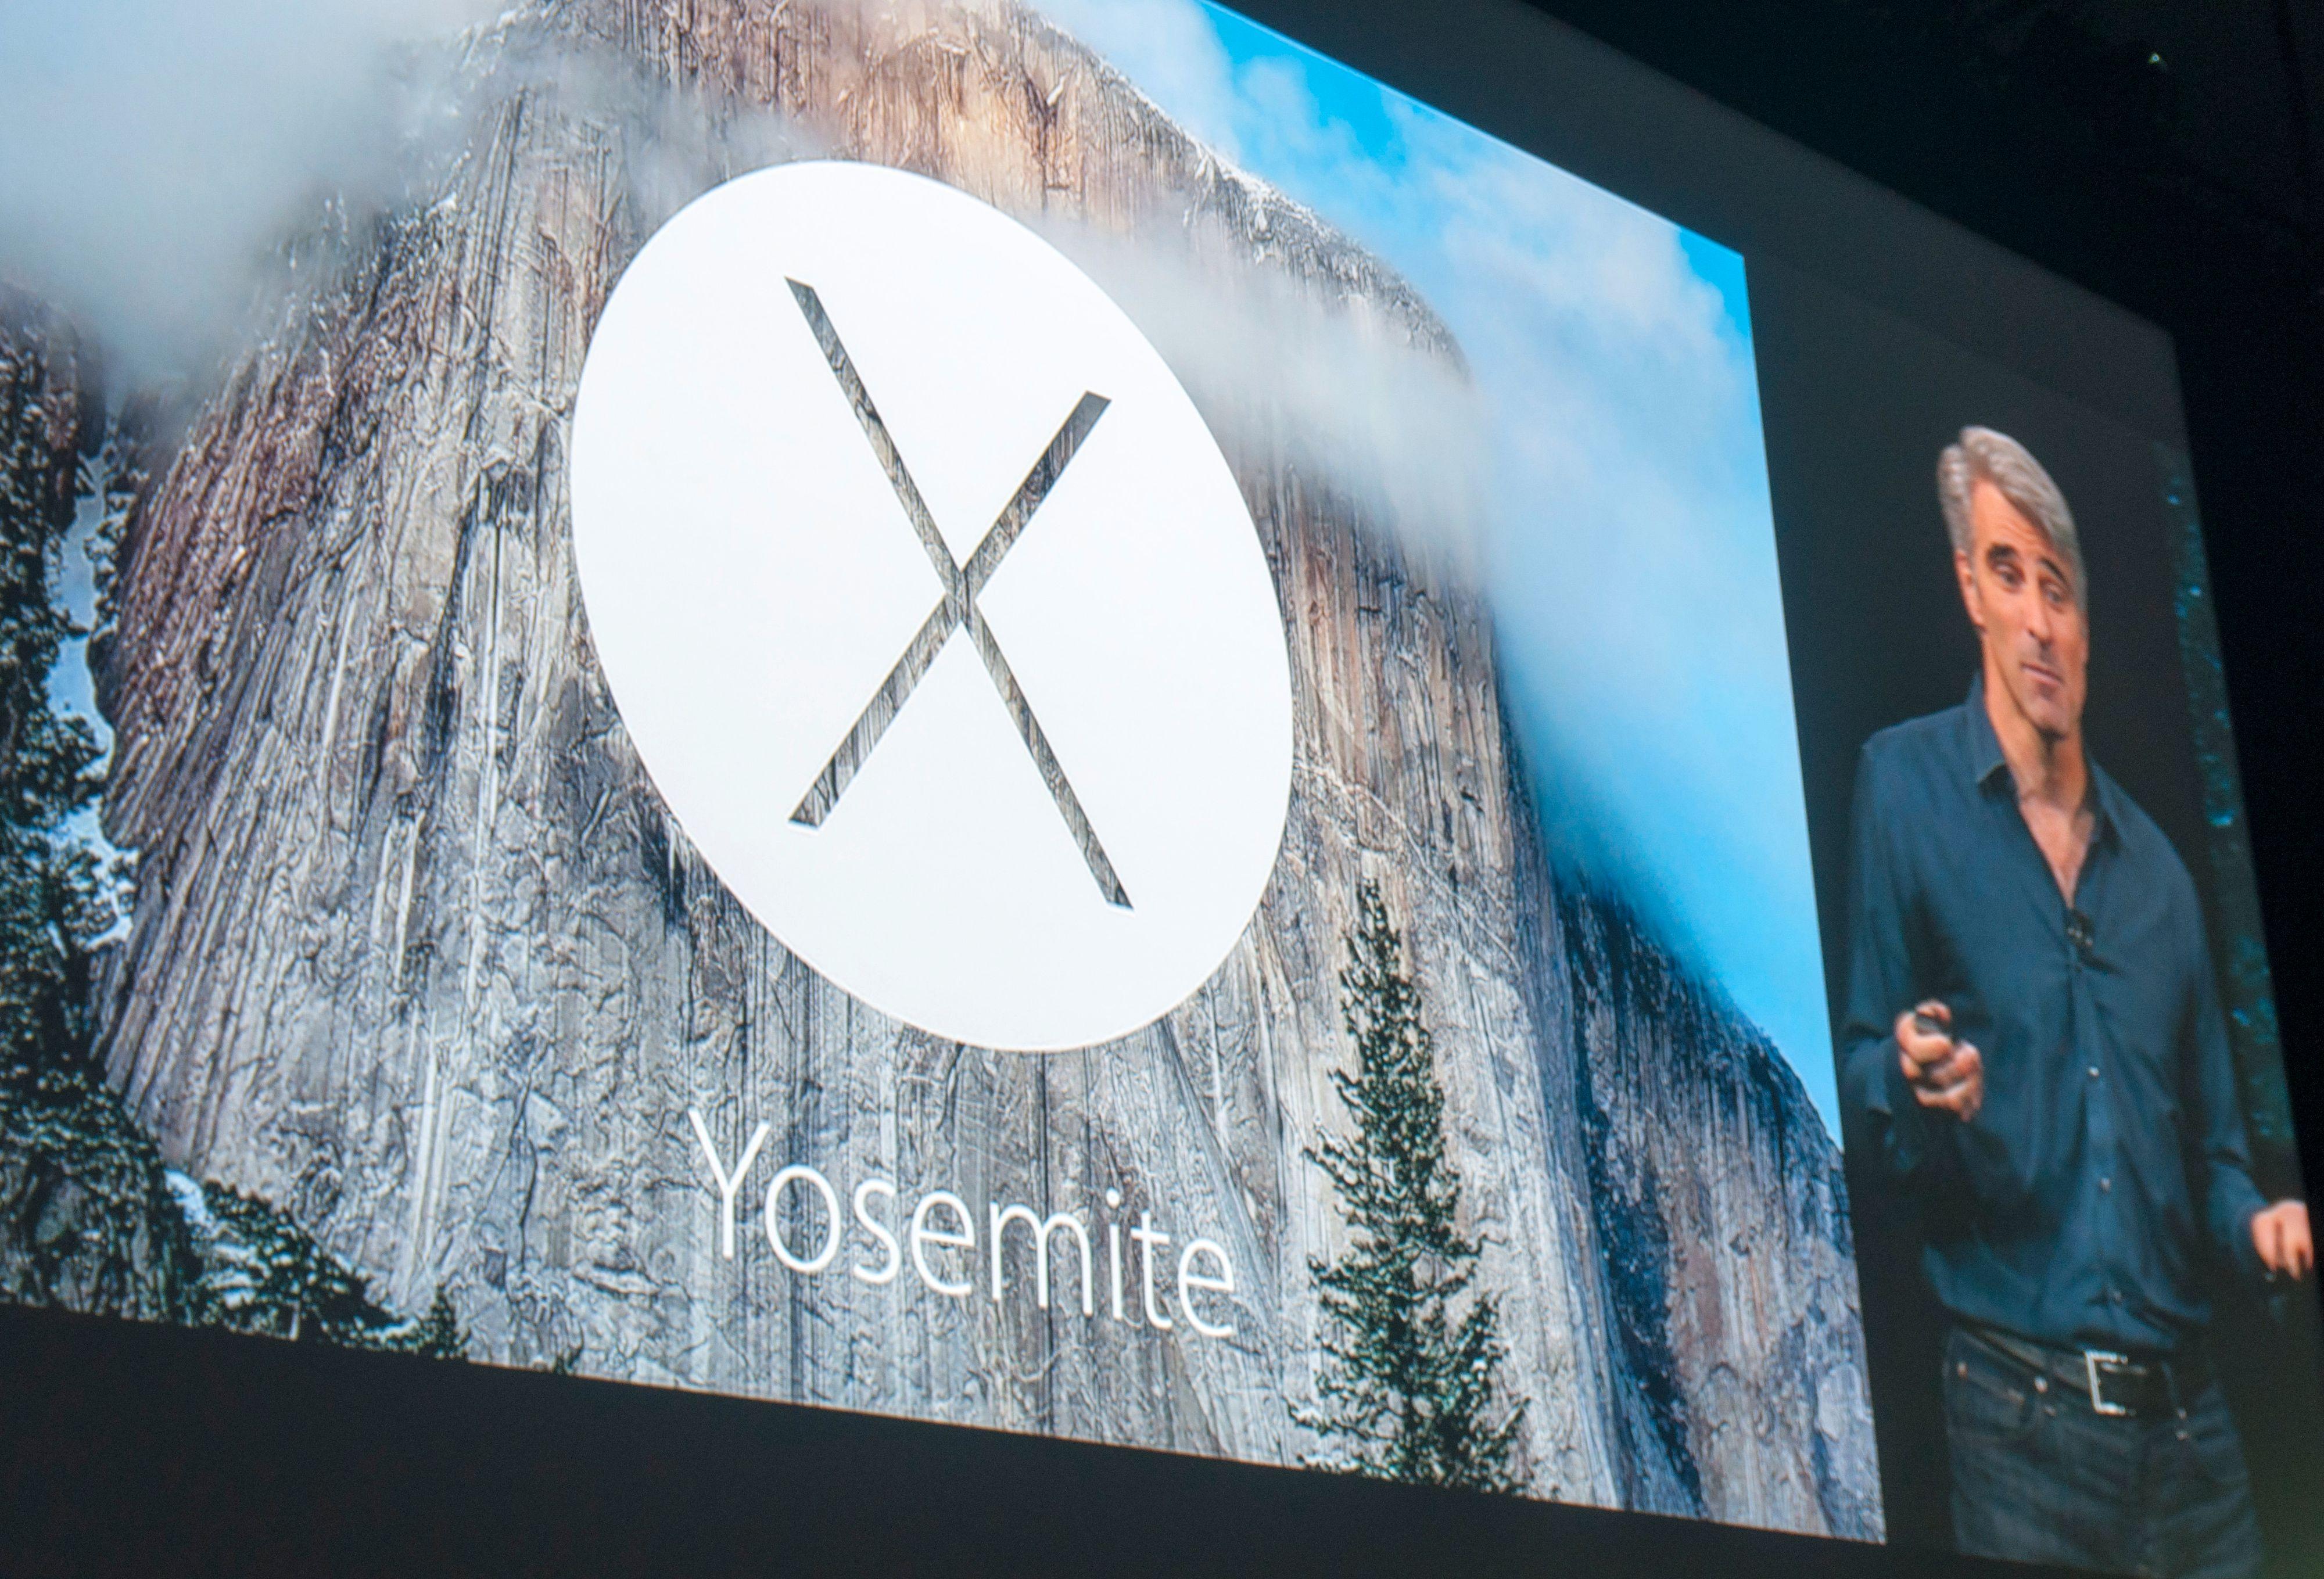 Yosemite-logoen på skjermen.Foto: Finn Jarle Kvalheim, Tek.no